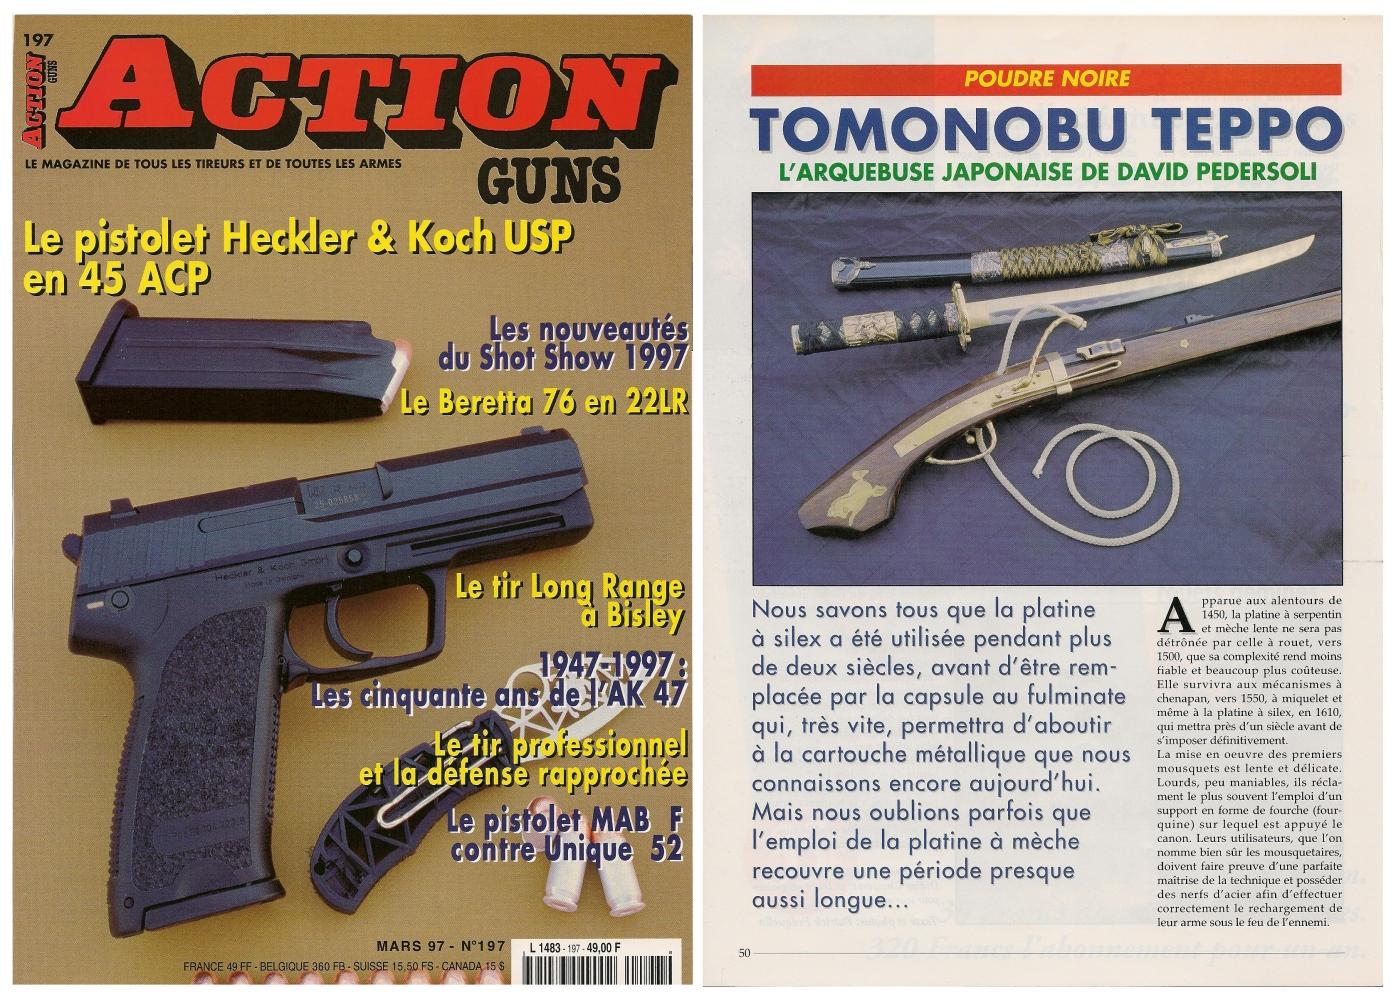 Le banc d'essai de la réplique d'arquebuse japonaise a été publié sur 6 pages dans le magazine Action Guns n°197 (mars 1997).